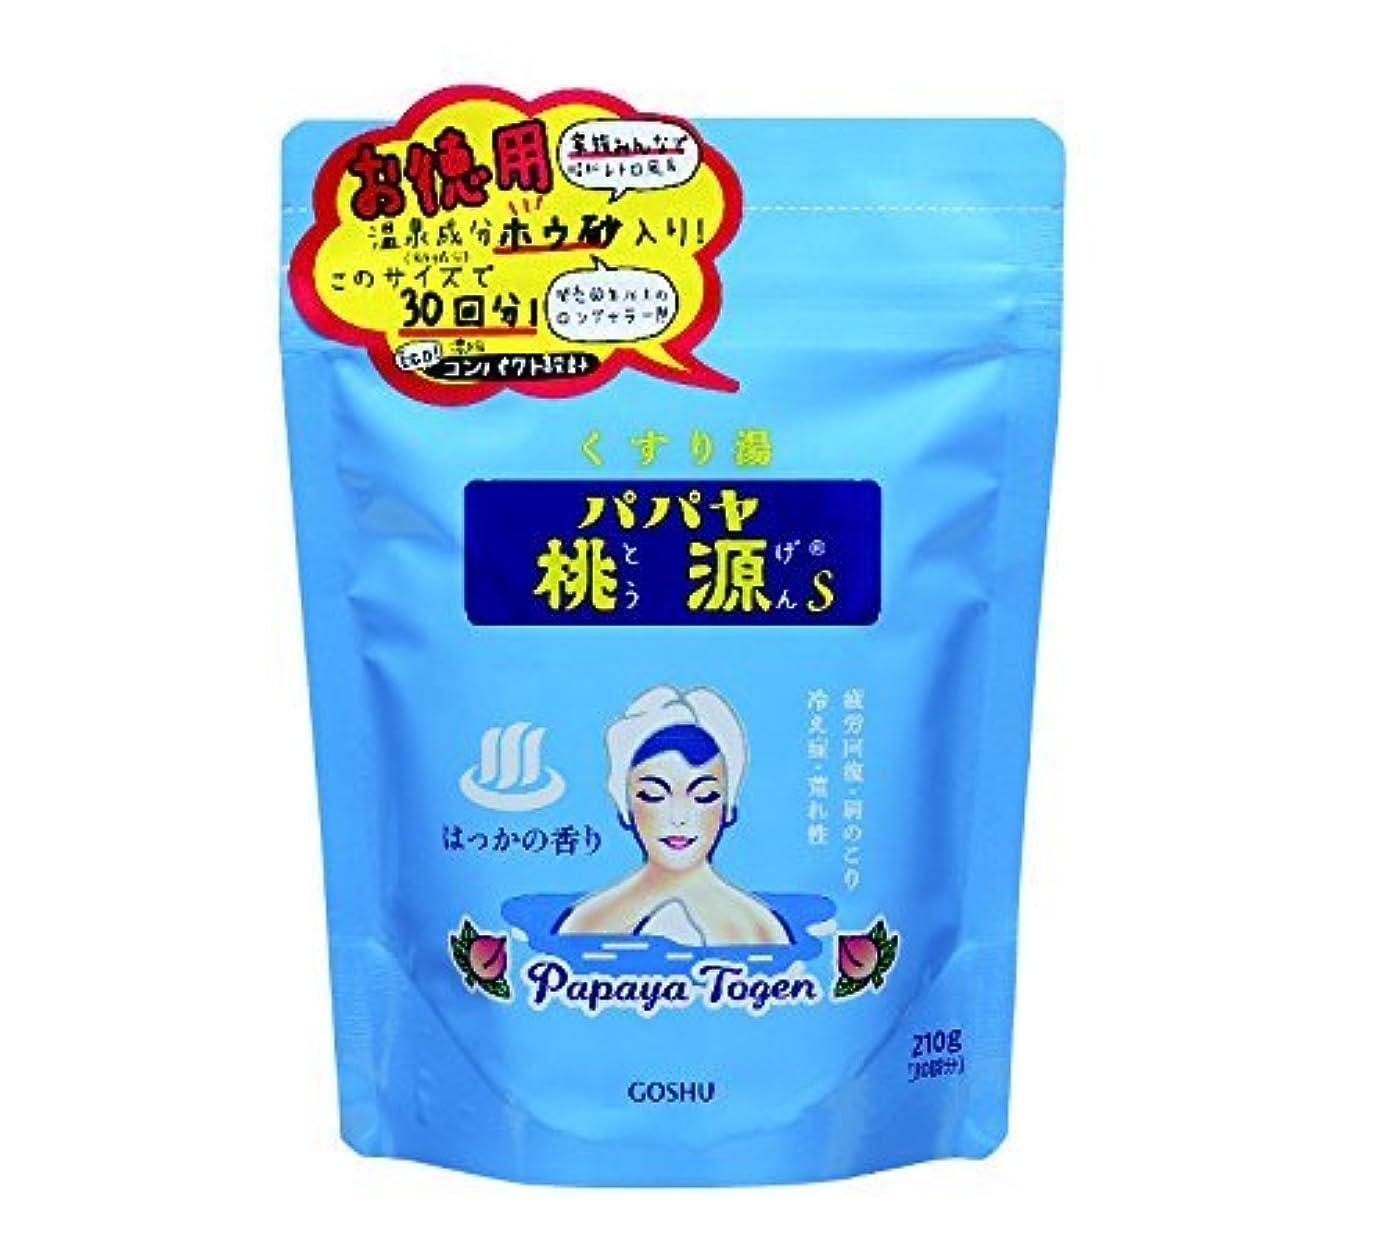 含める色合い厄介なパパヤ桃源S210gパウチ ハッカの香り [医薬部外品]